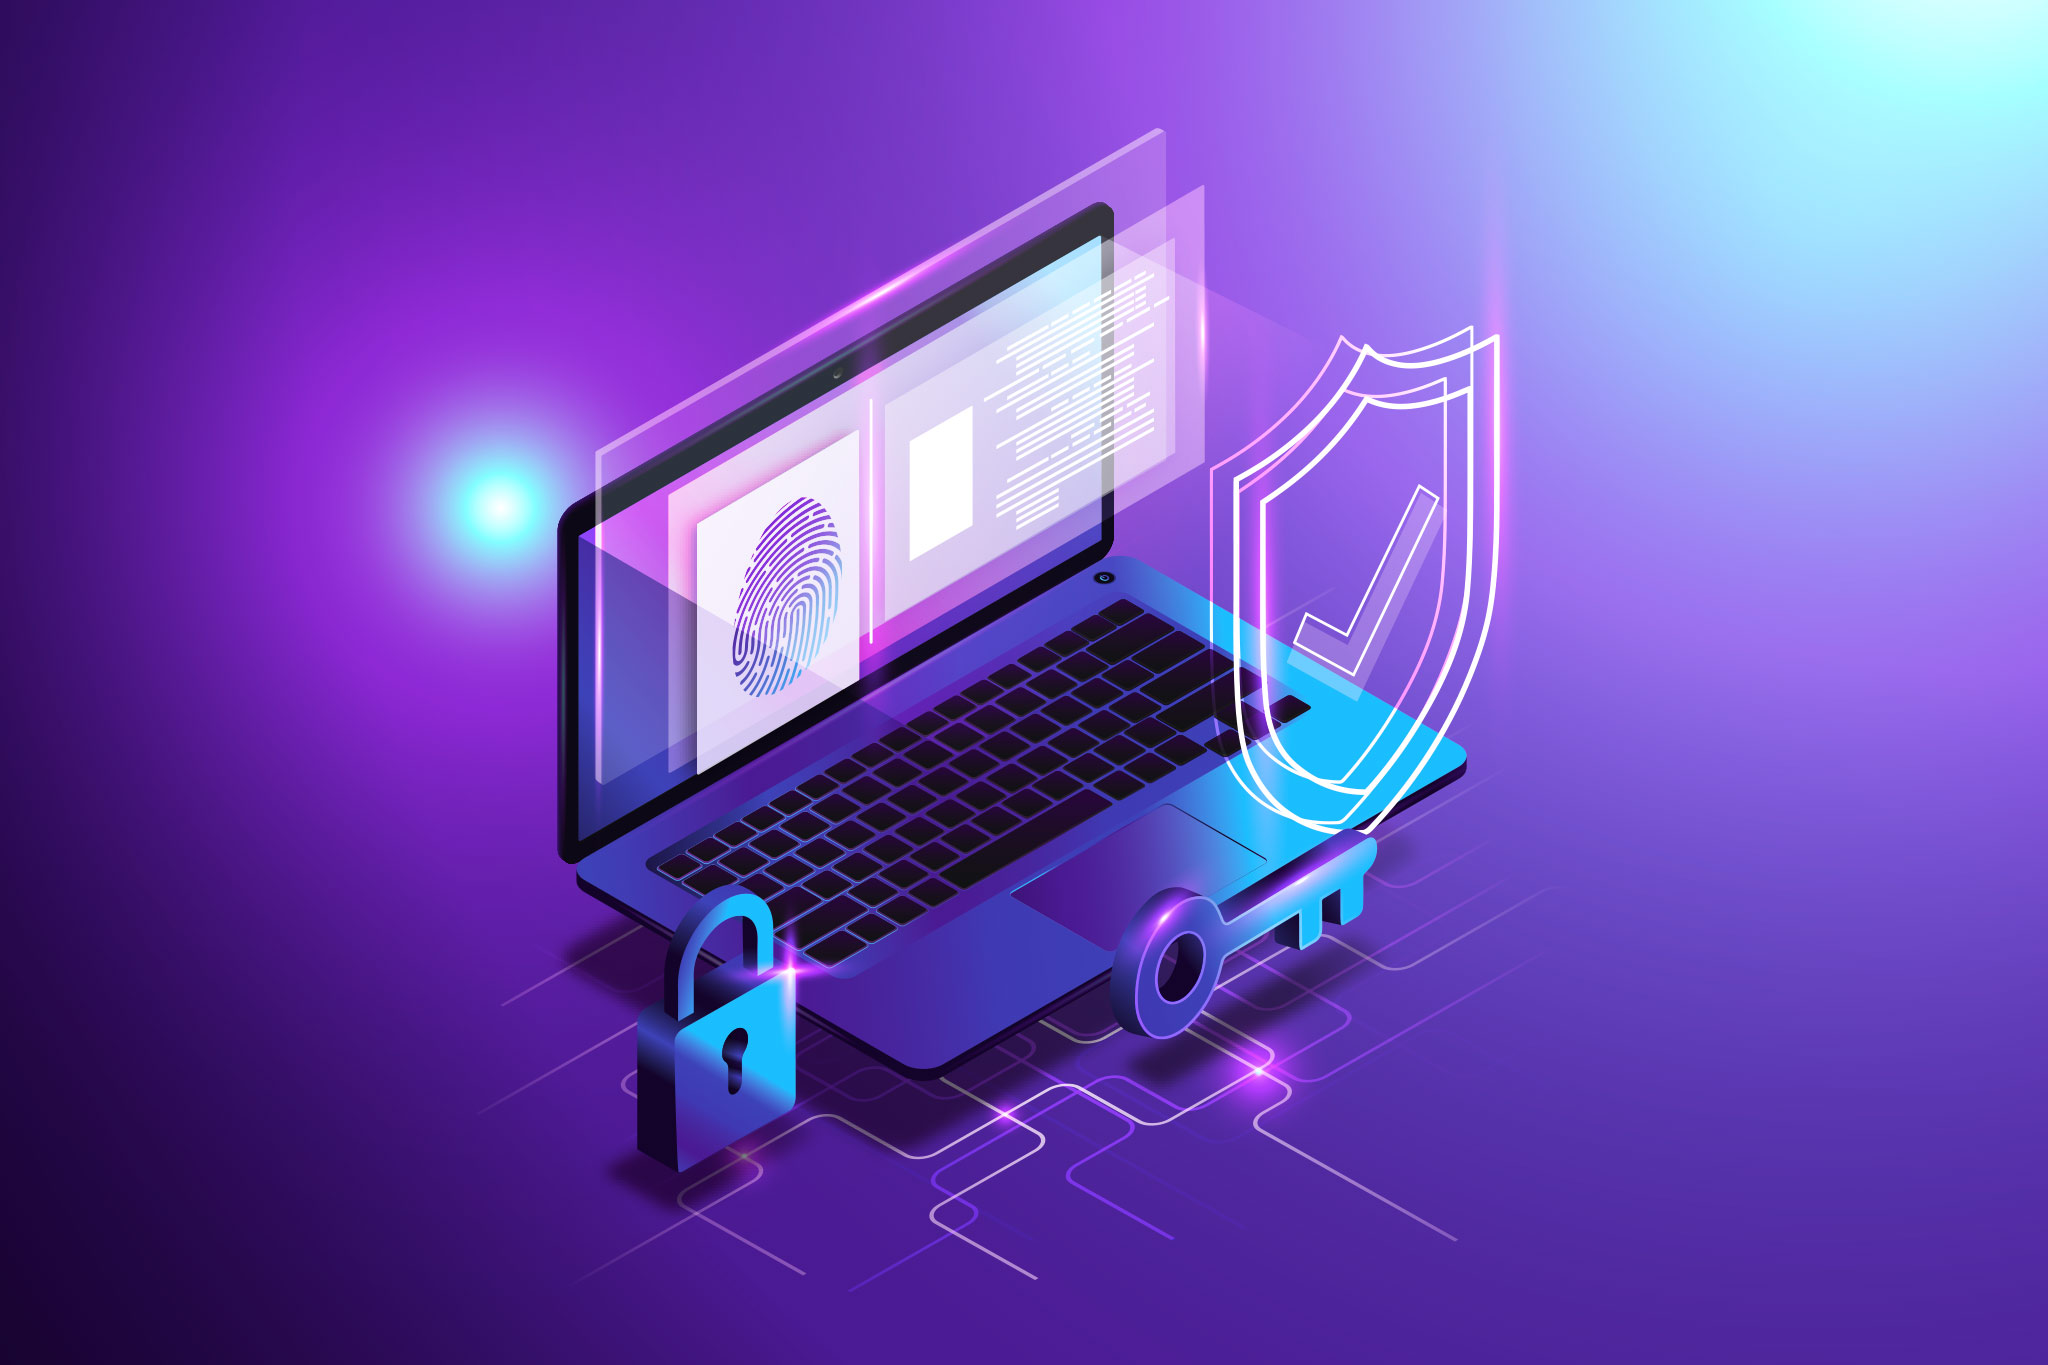 OPTIMIERUNG IHRES PC (macOS/Windows) - Gerade nach dem Kauf eines neuen Computers ist er zugemüllt mit unnützen Fremdprogrammen (